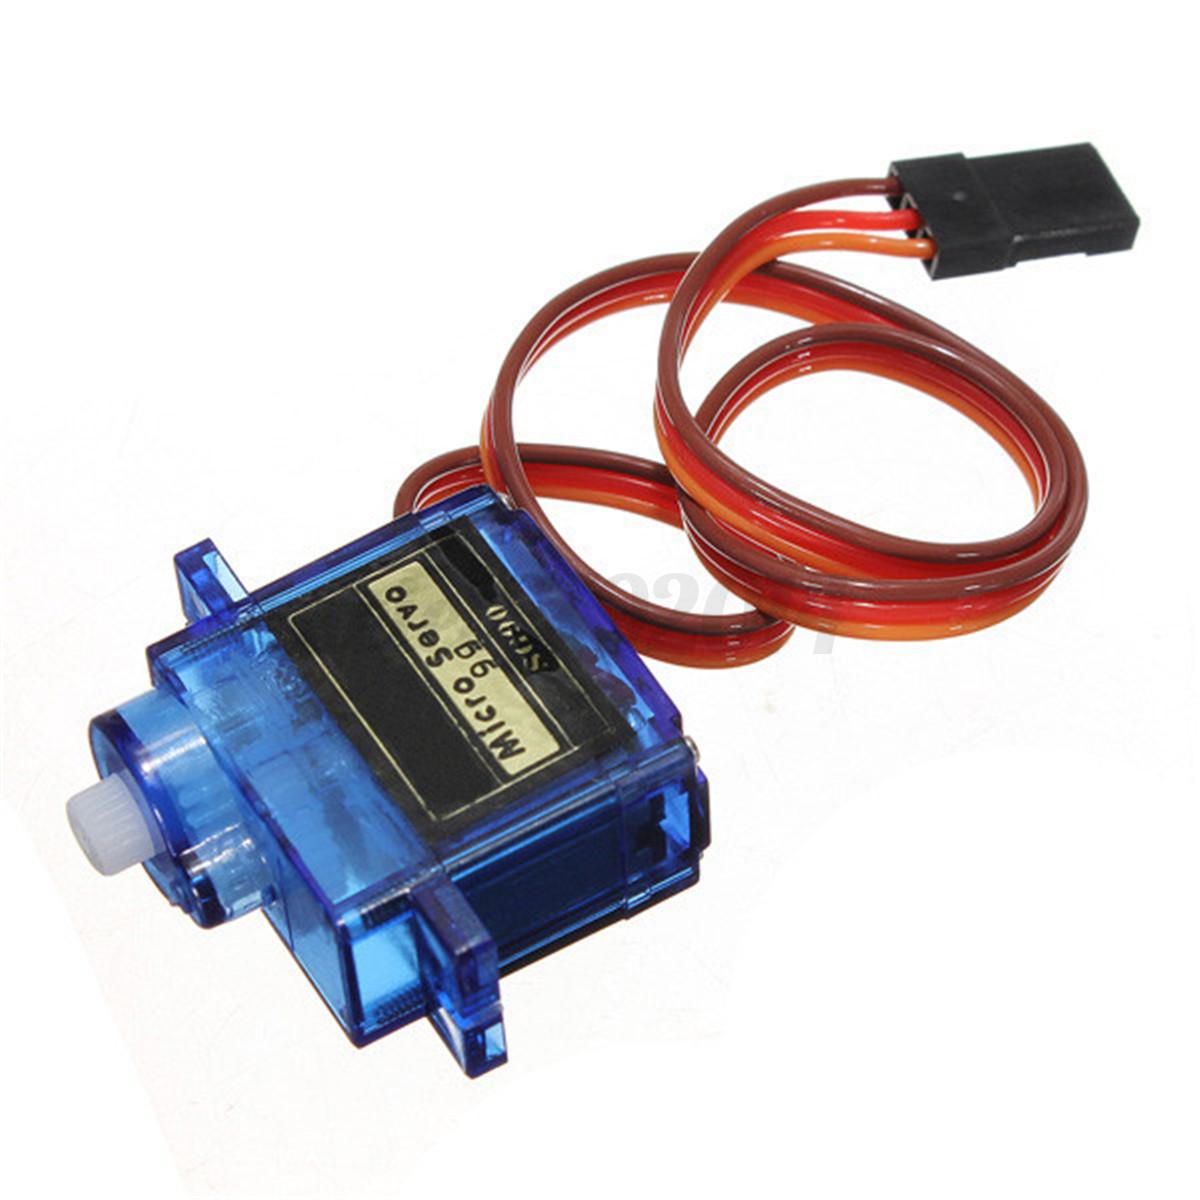 Mini sg gear g micro servo for rc airplane